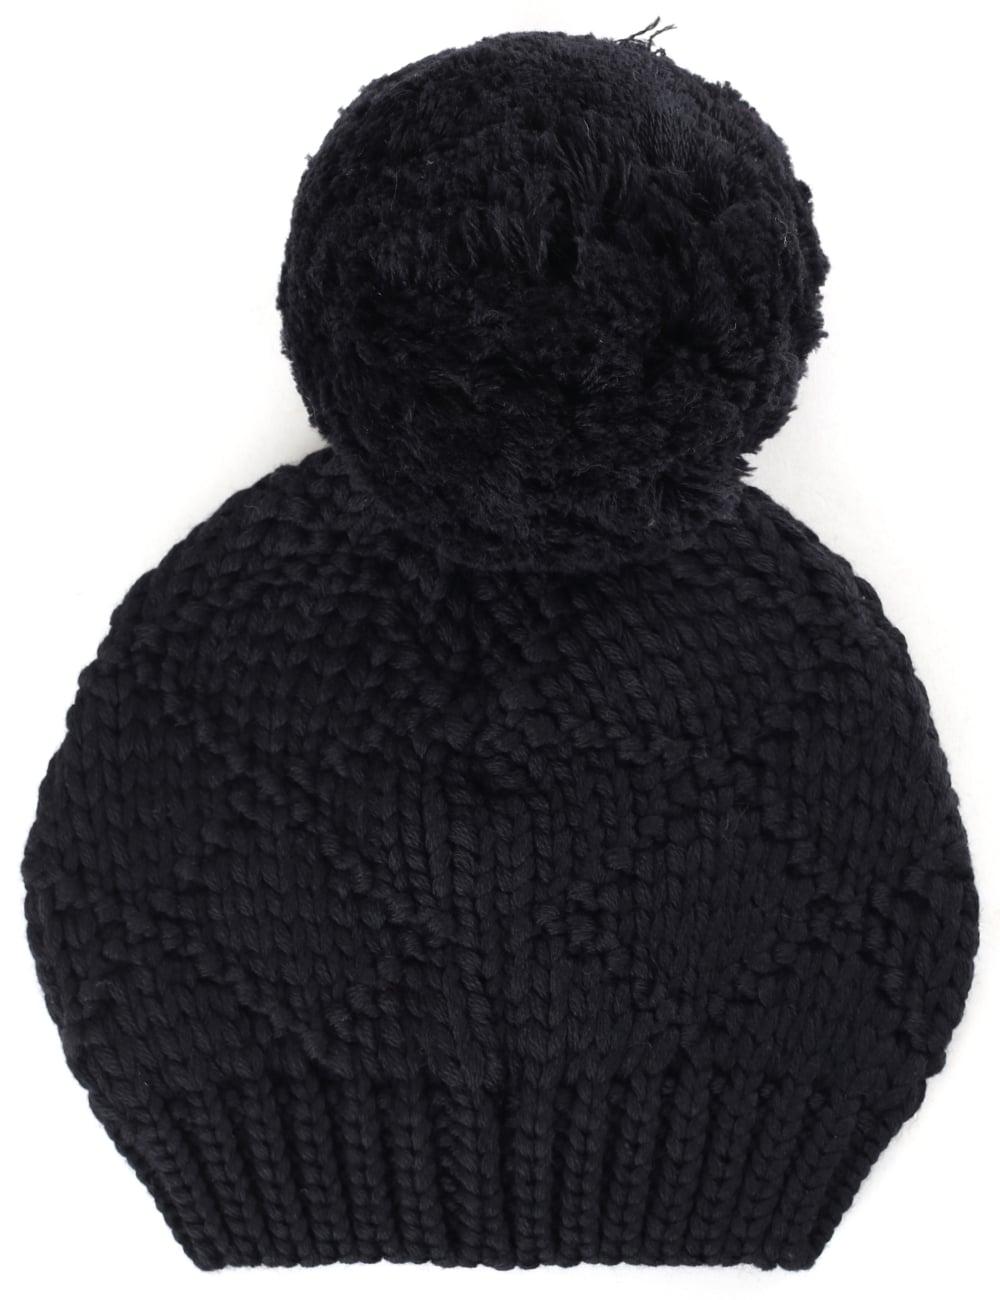 4b55064dd698f Canada Goose Women s Giant Pom Pom Knitted Beanie Hat